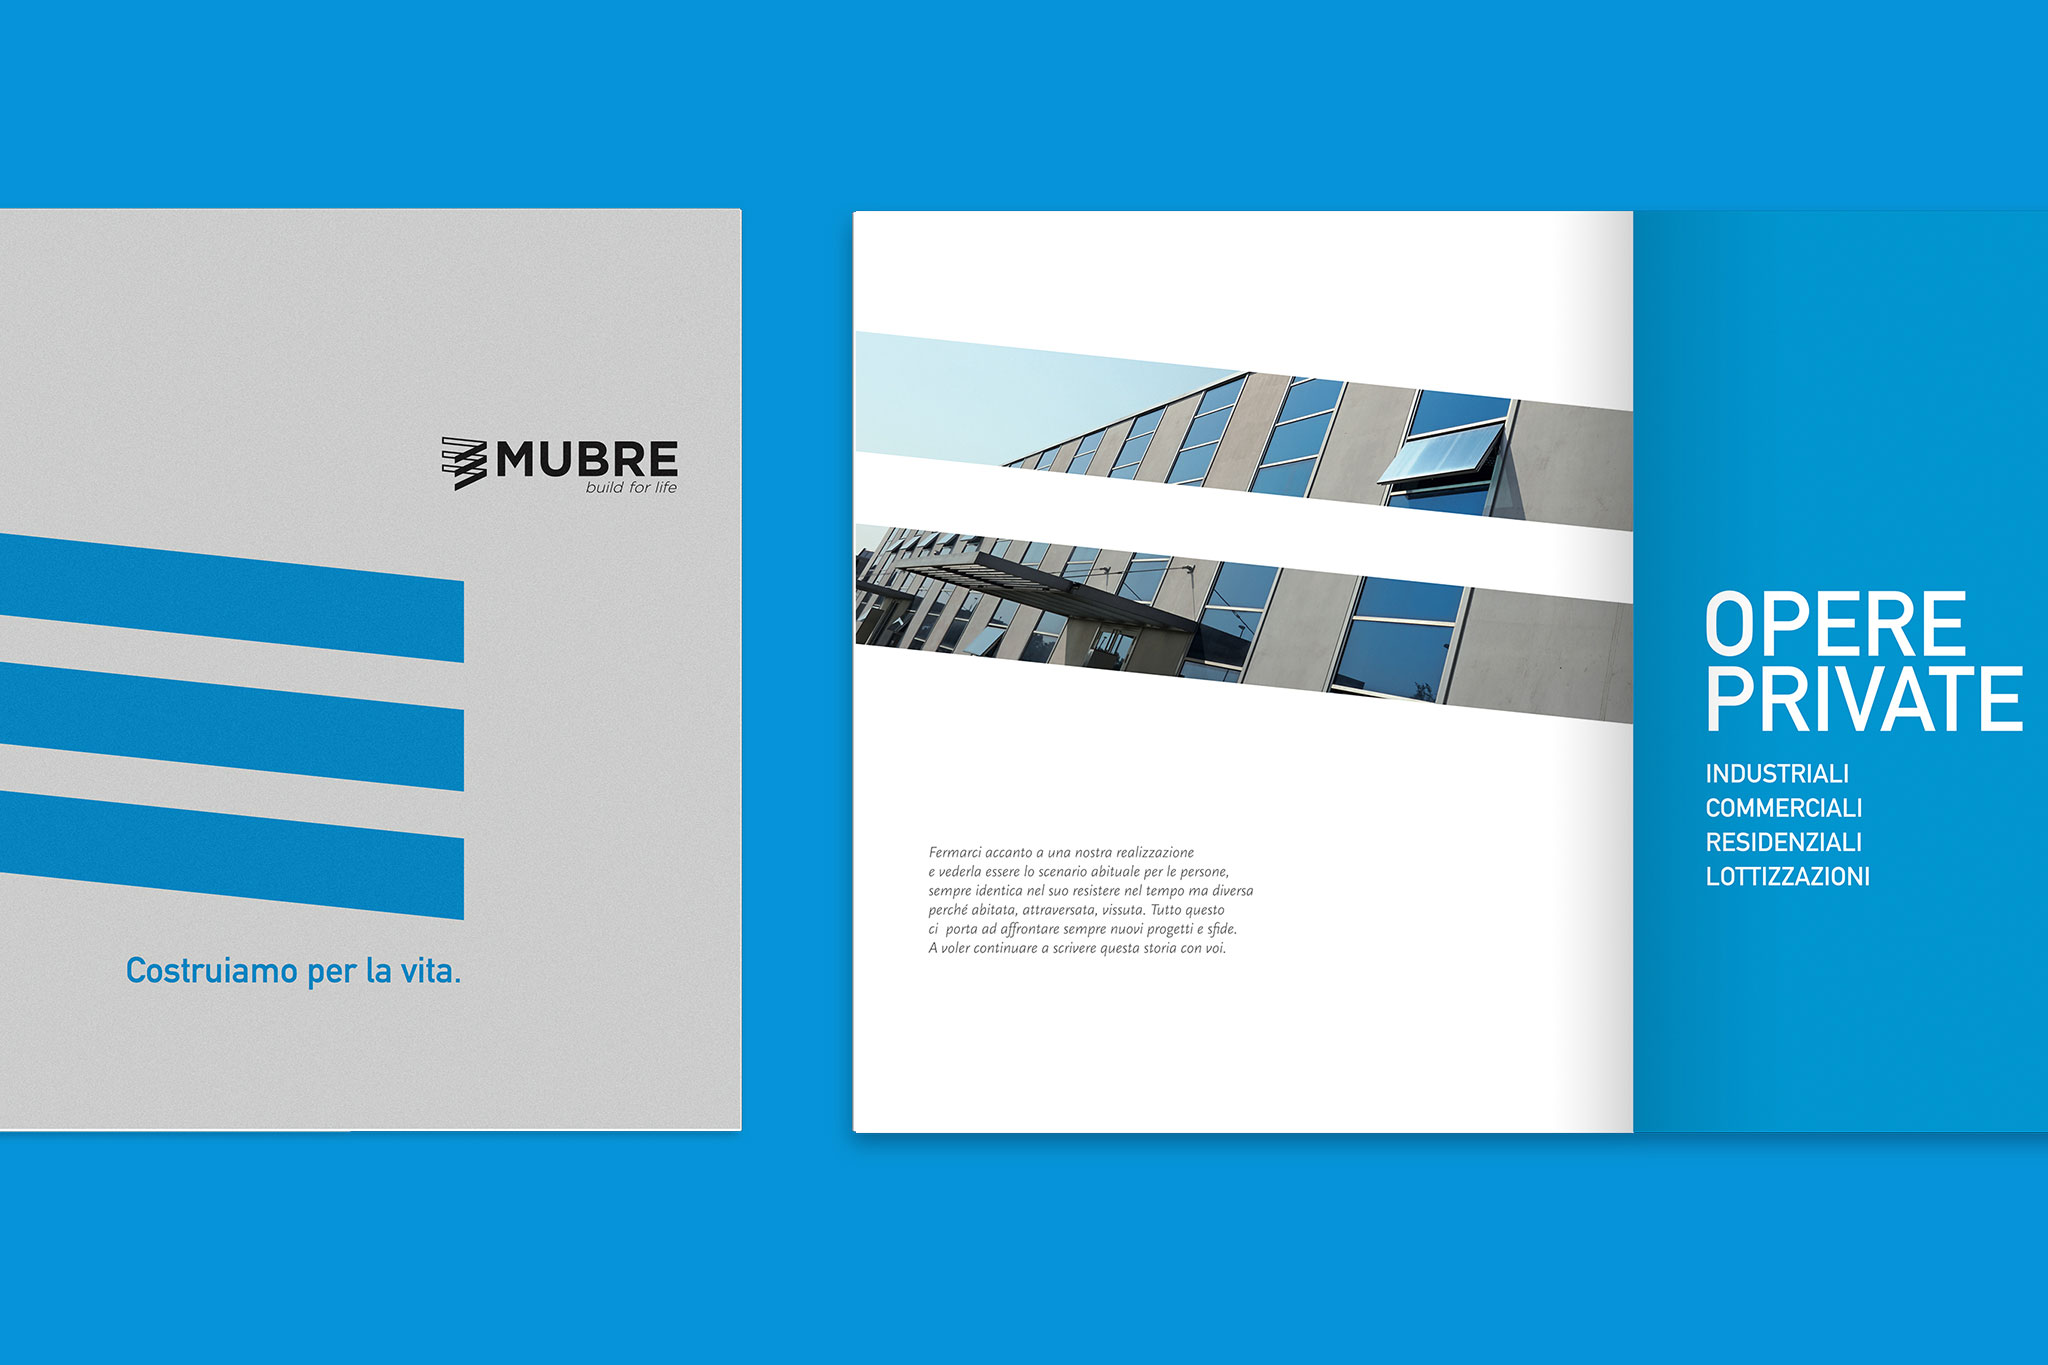 Mubre costruzioni re branding e immagine coordinata